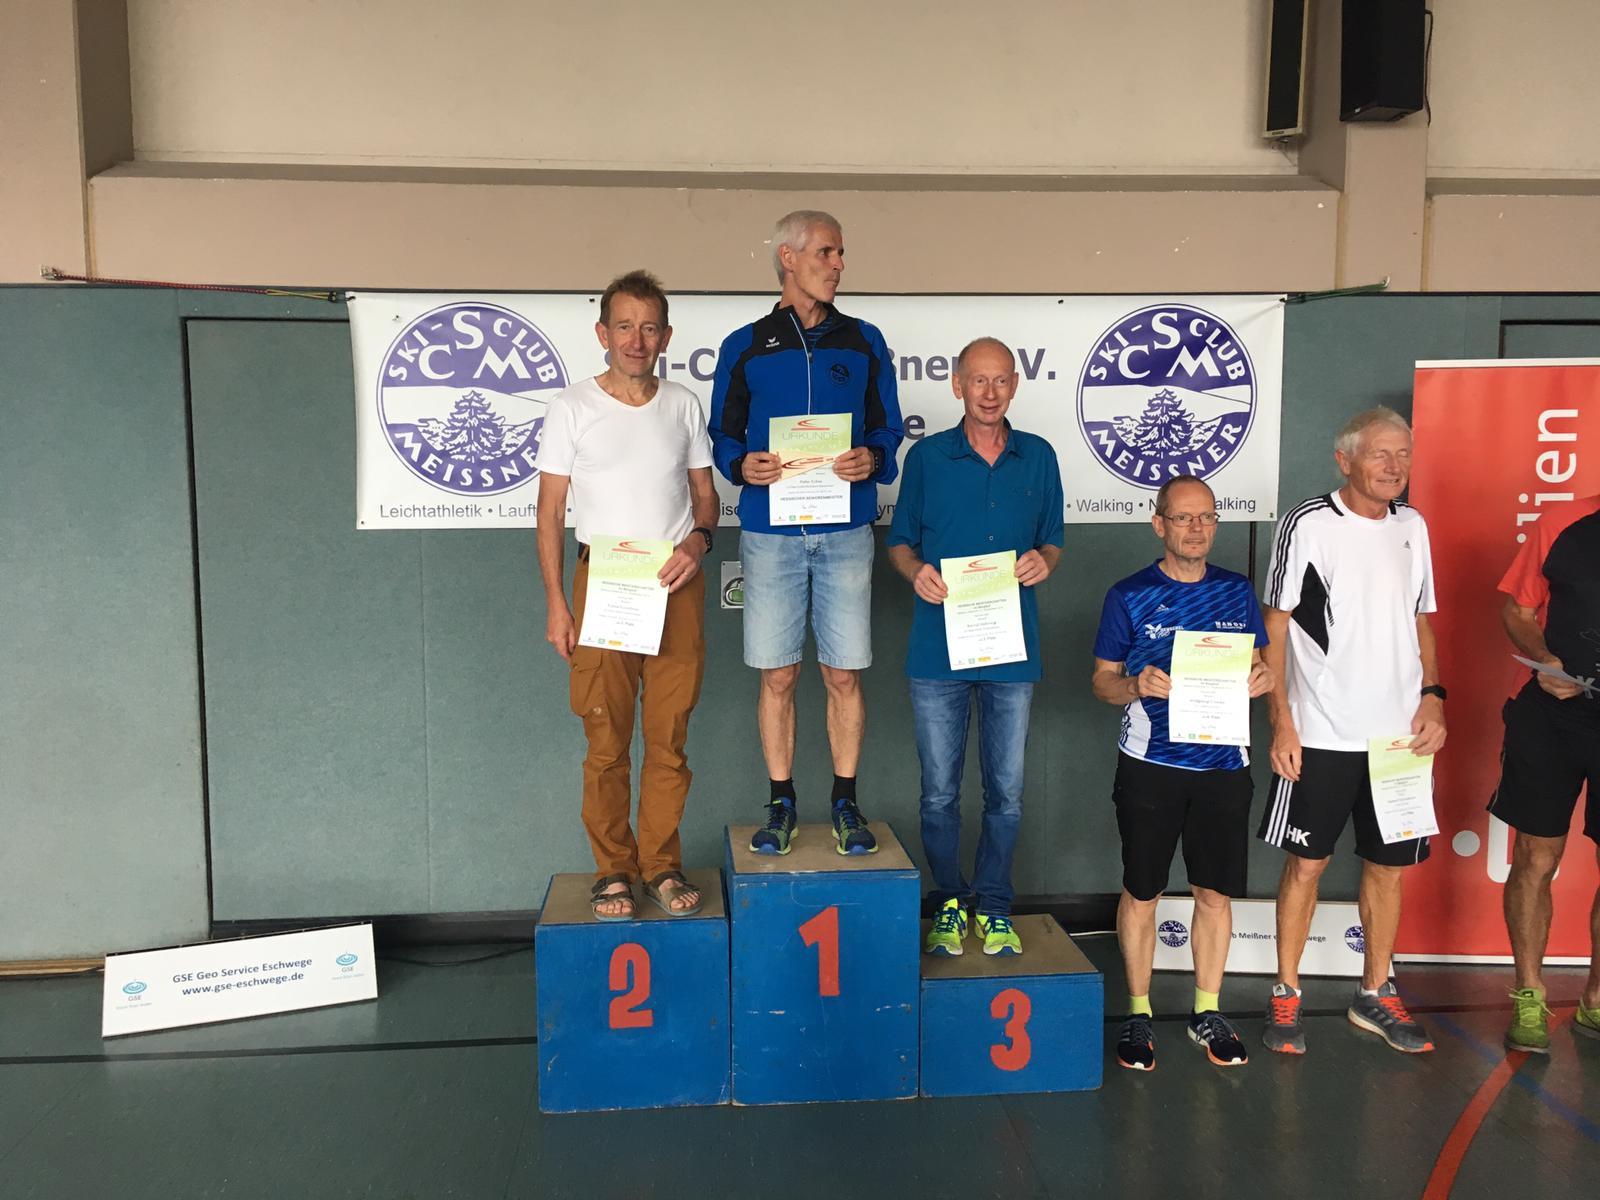 M60 Siegerehrung: Klaus Kirschner und Bernd Mehring